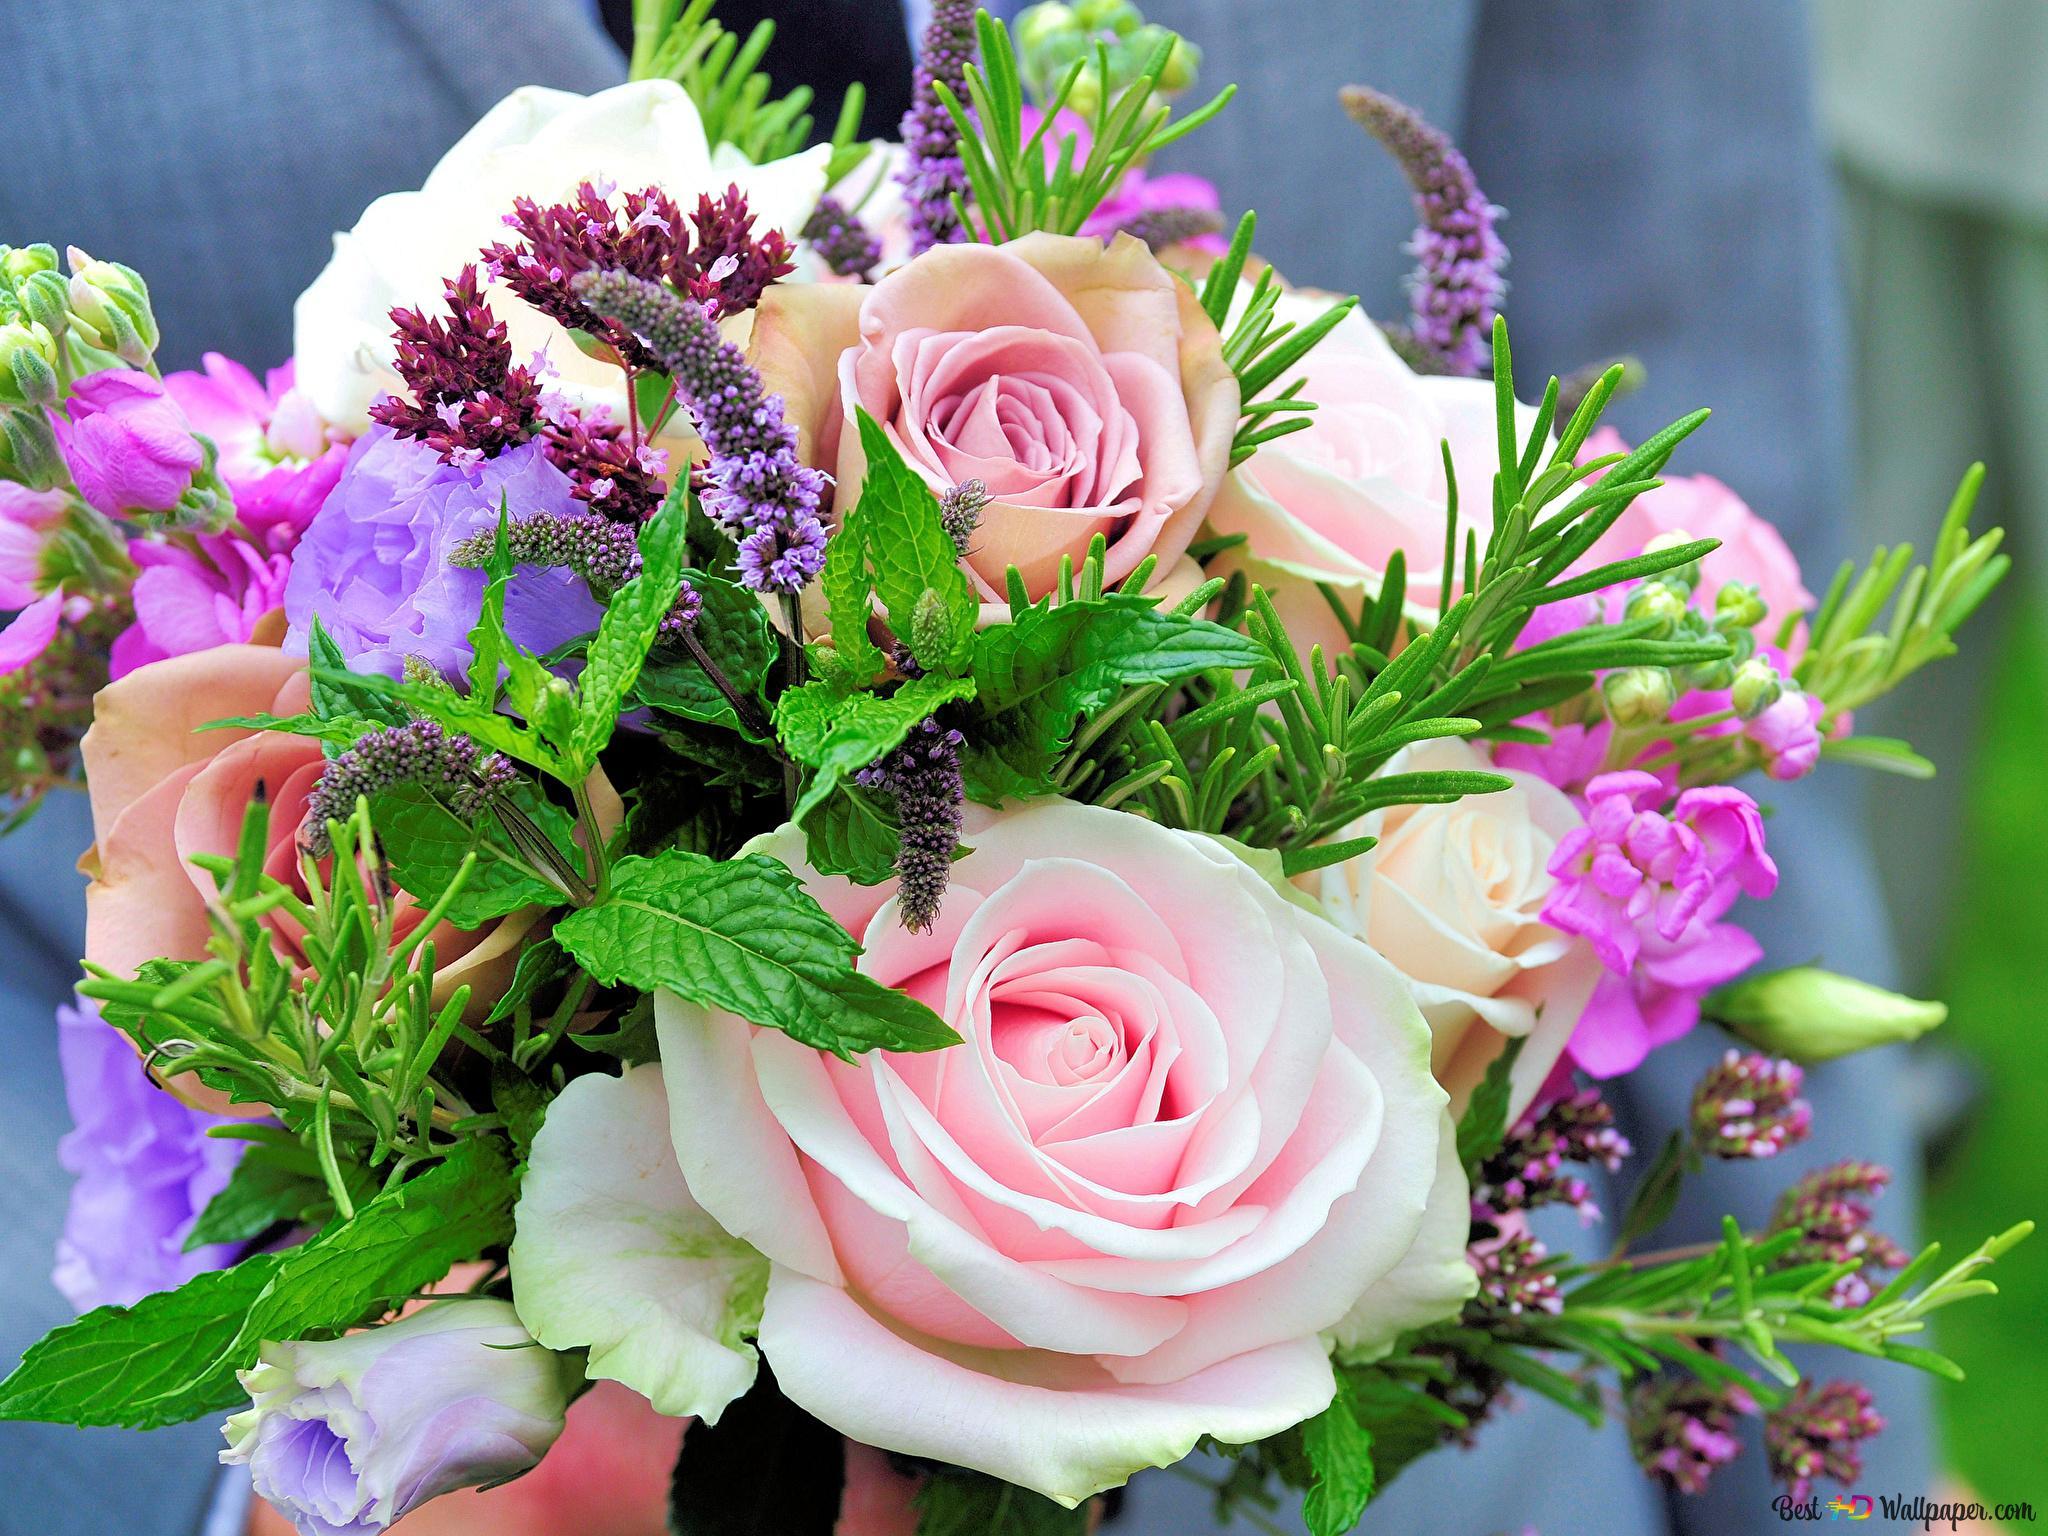 Saint Valentin Roses Multicolores Et Bouquet De Fleurs Hd Fond D